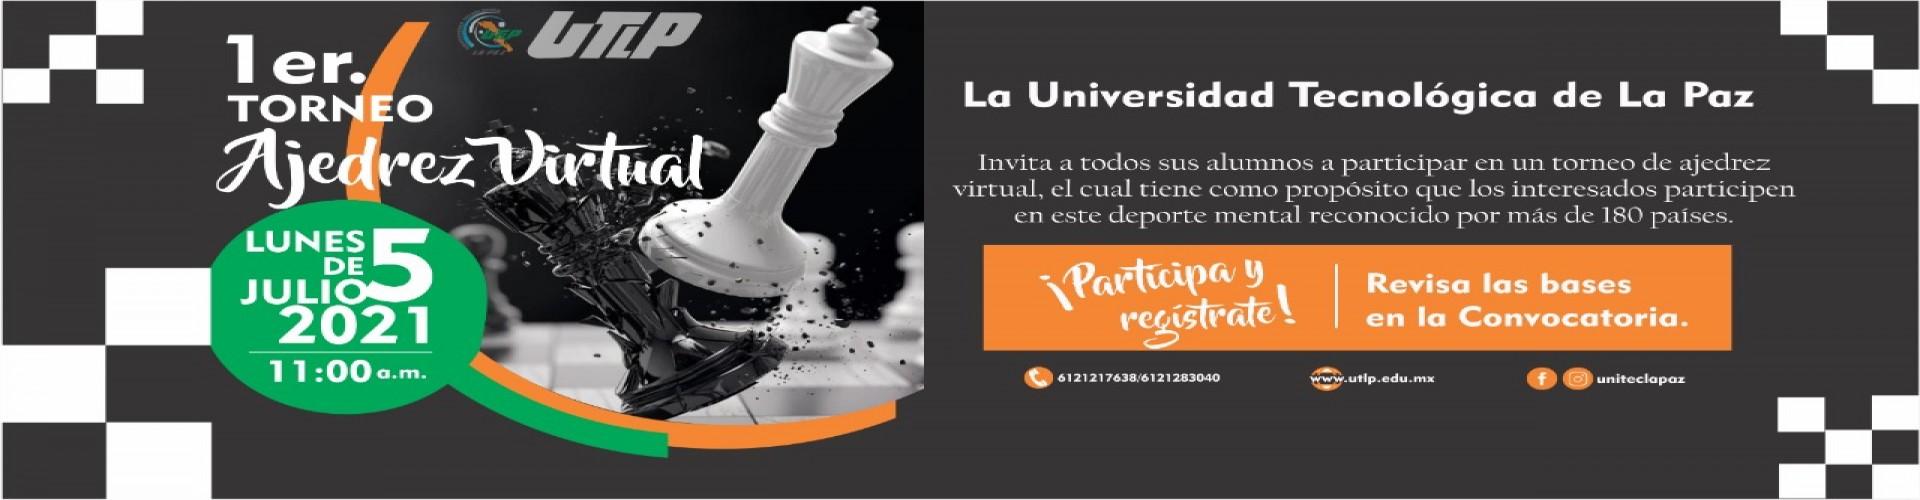 Convocatoria para el Torneo de ajedrez en línea Mayo-Agosto 2021